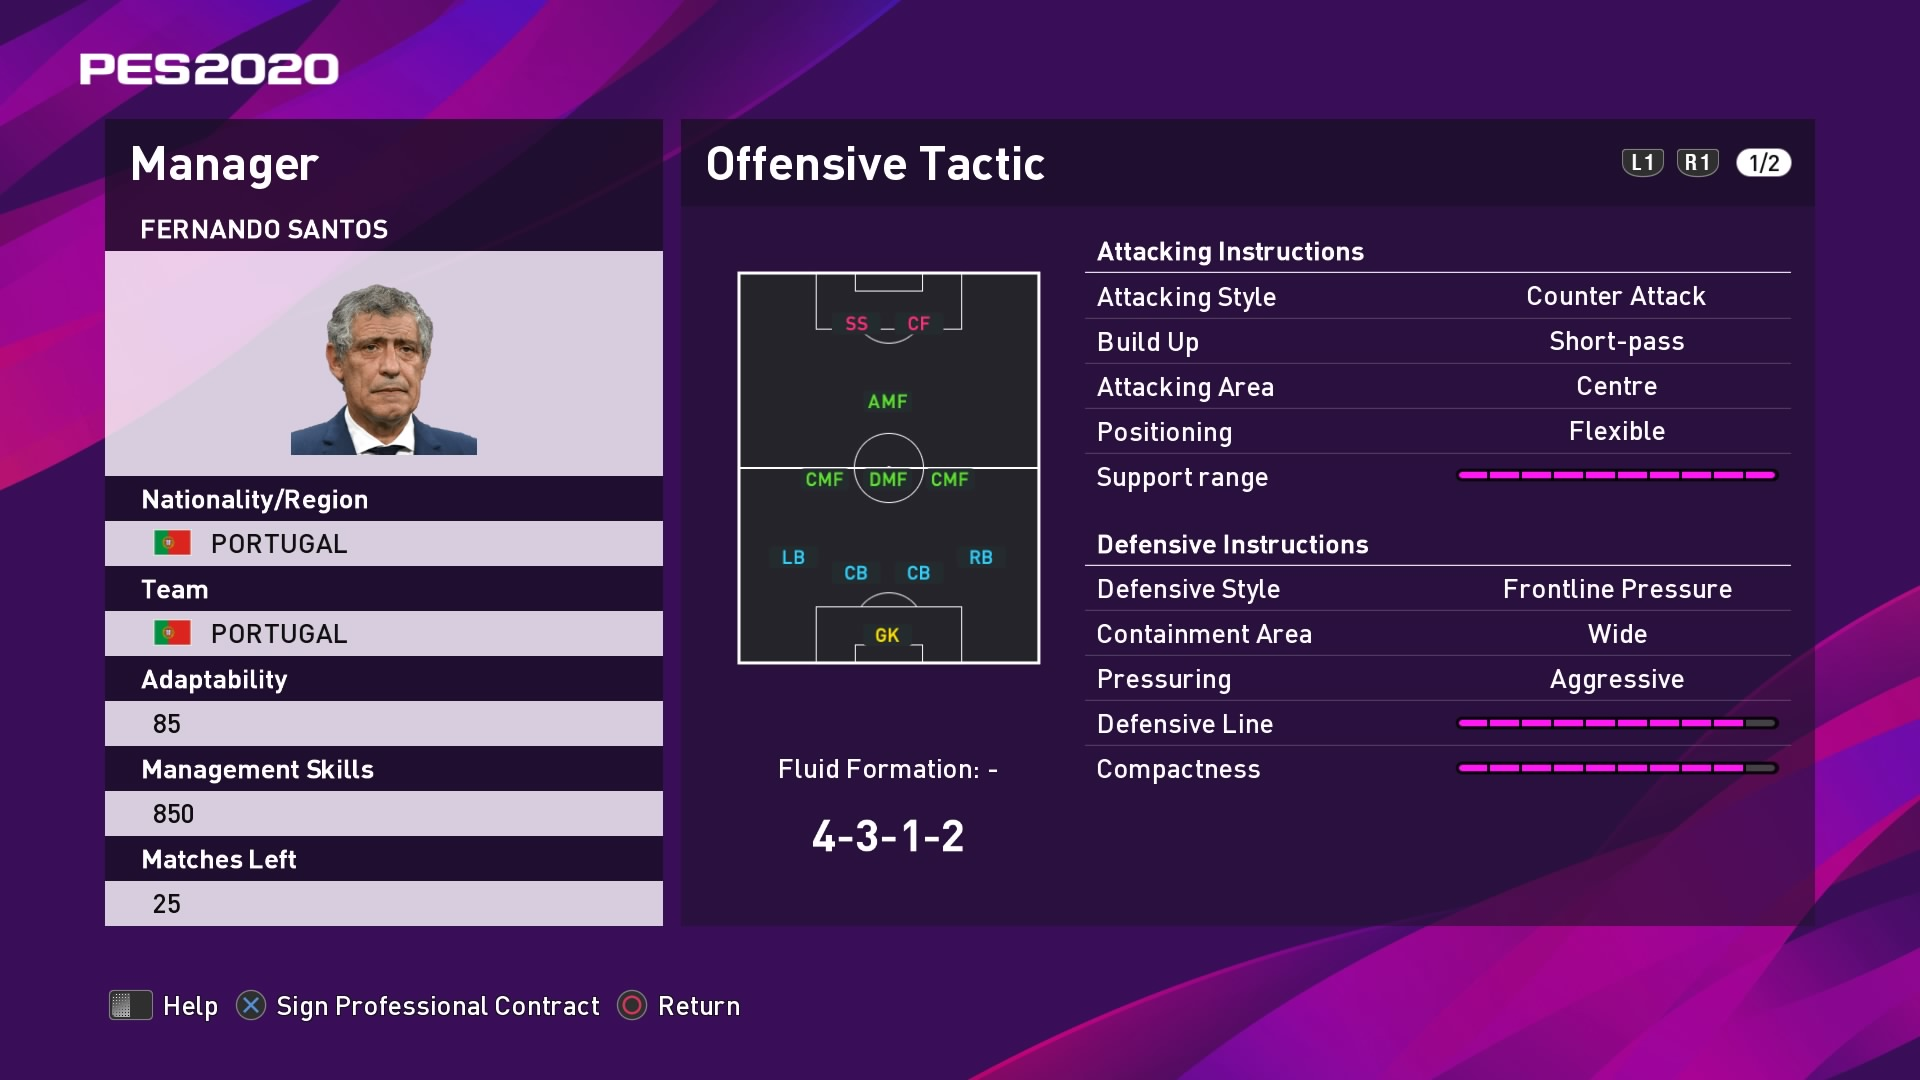 Fernando Santos Offensive Tactic in PES 2020 myClub